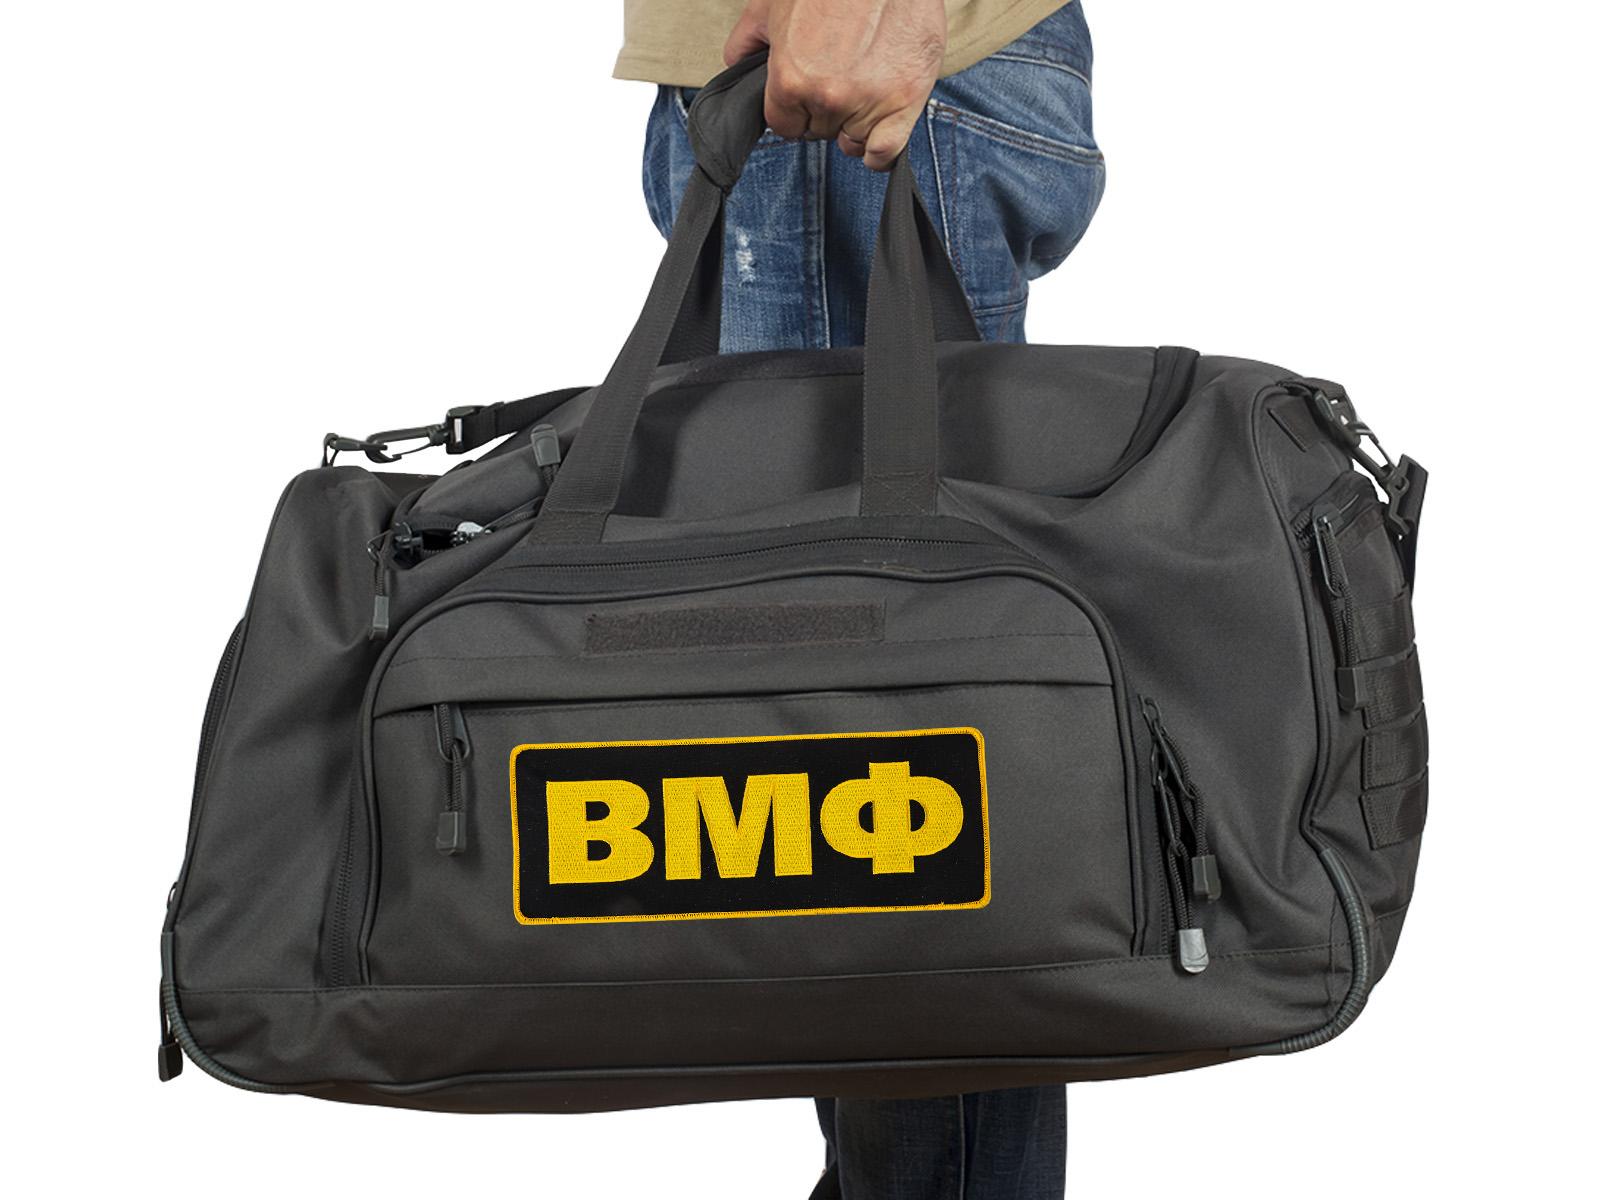 Купить темно-серую тревожную сумку 08032B с нашивкой ВМФ с доставкой онлайн